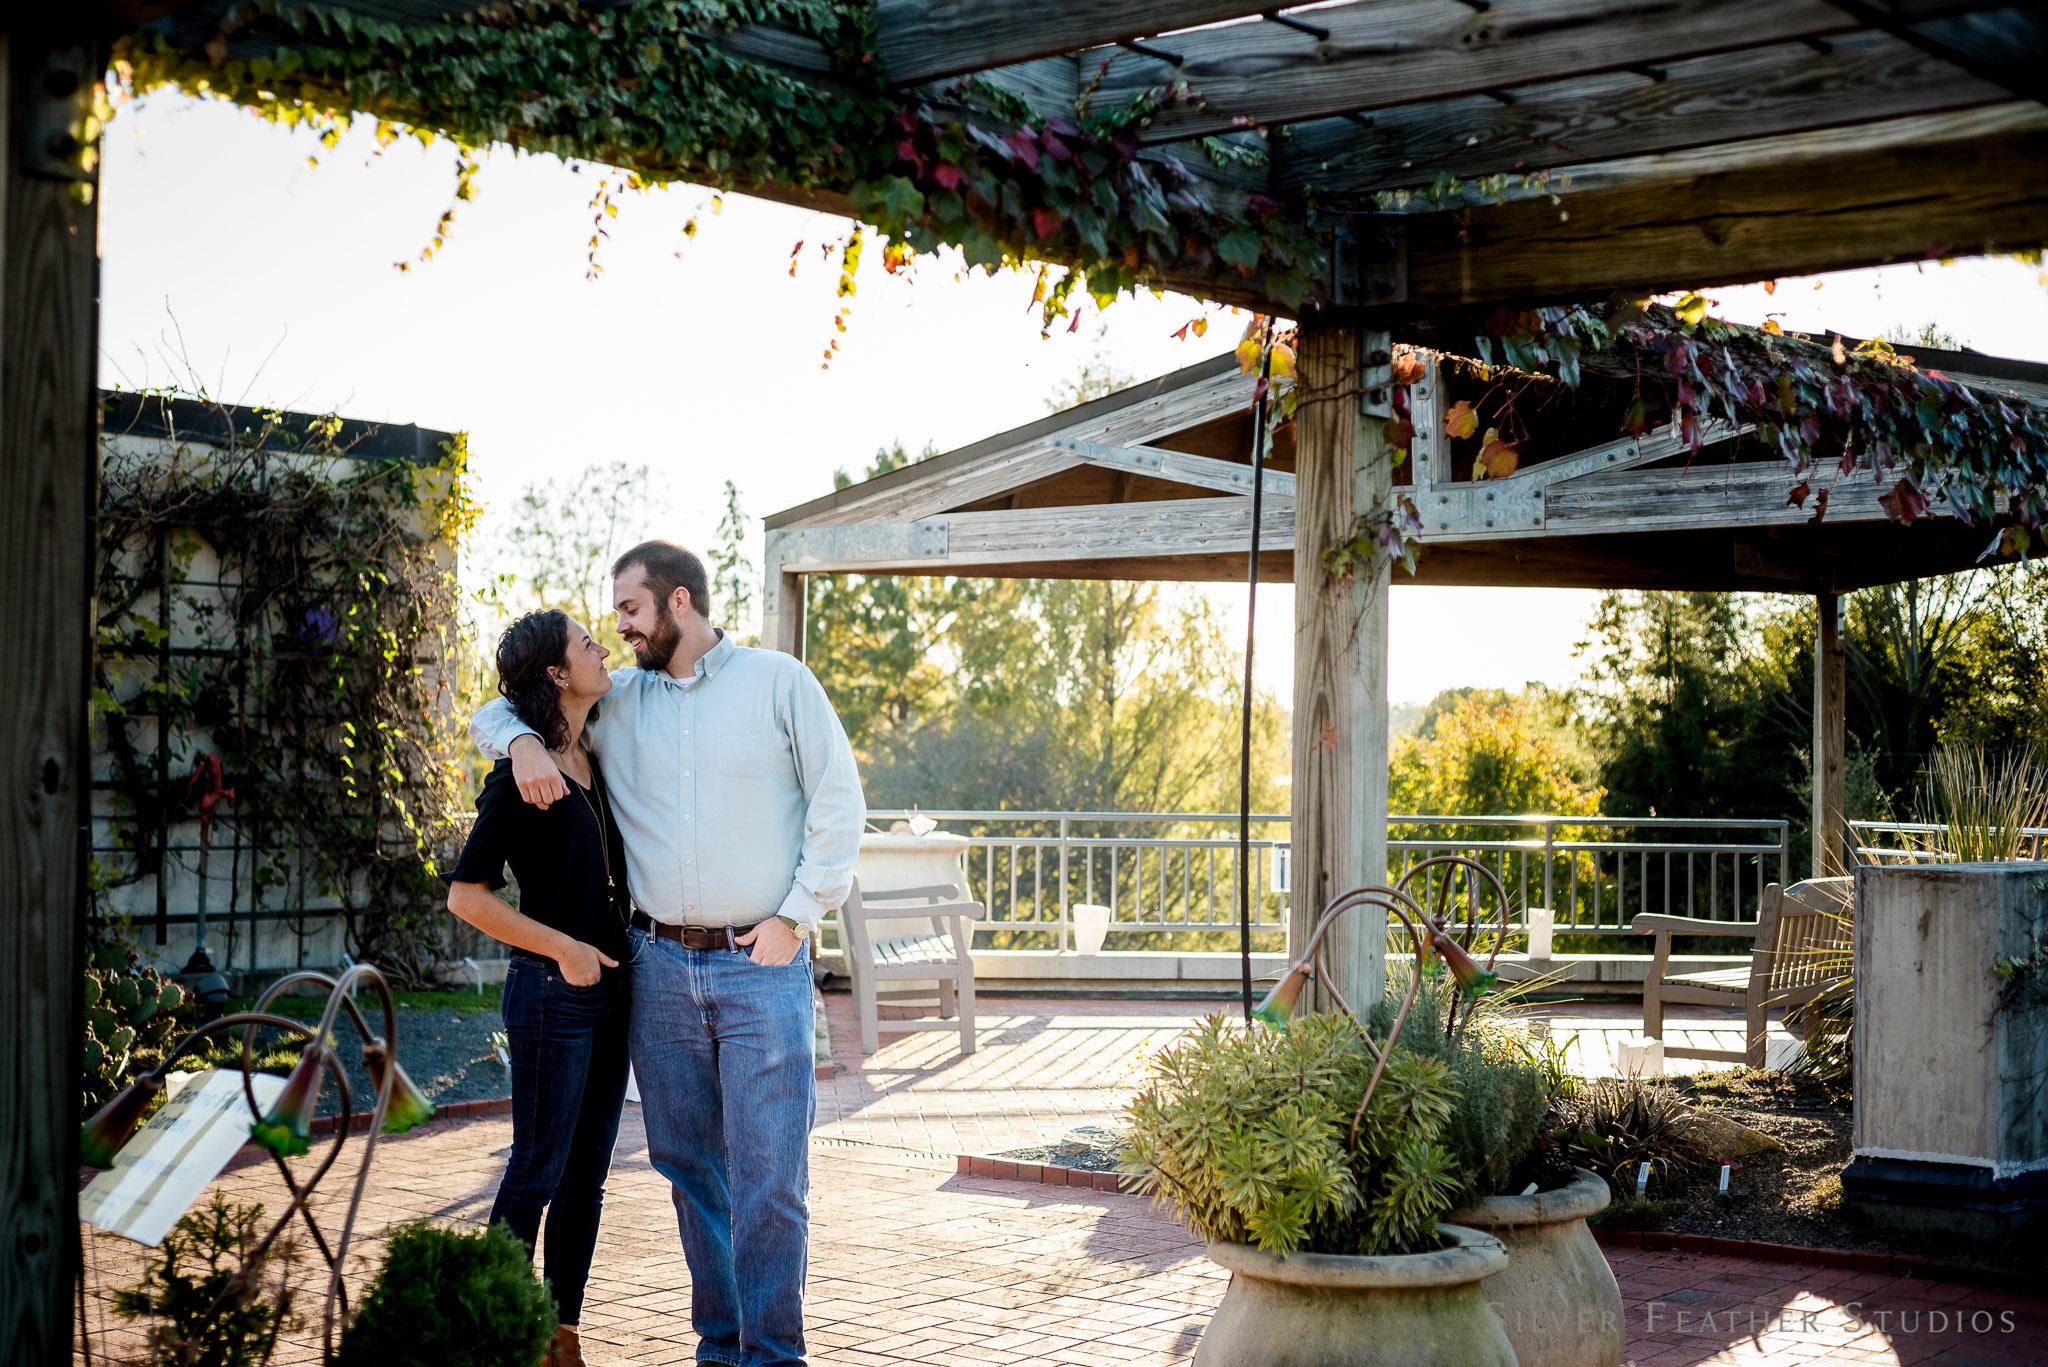 jc-raulston-arboretum-engagement-002.jpg